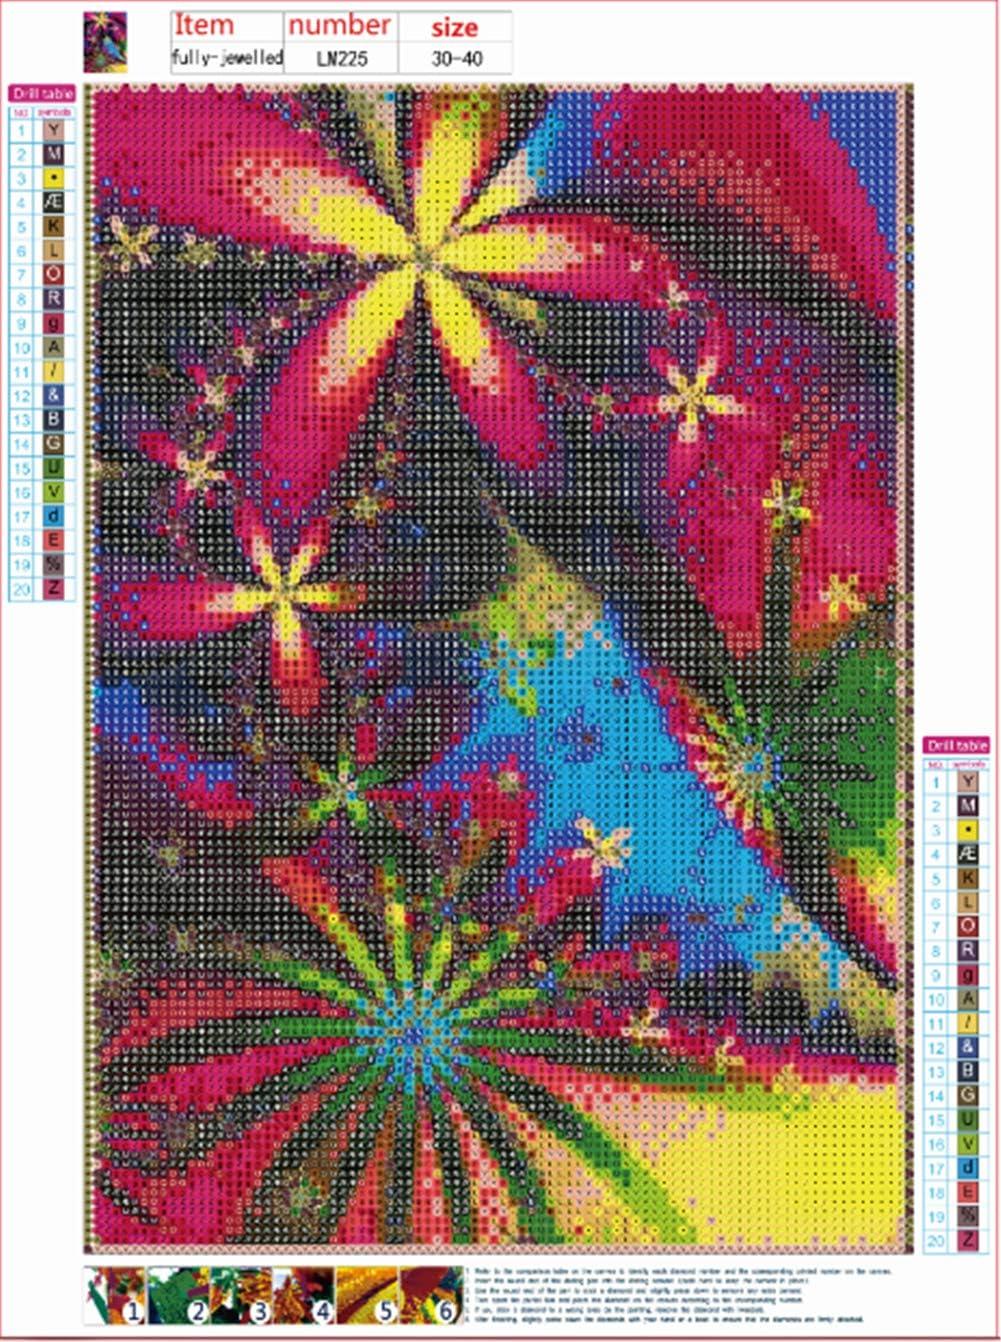 Bambini per Adulti 30 x 40 cm Sunnay Diamond Painting Set Full Vaso S Immagine Completa Decorazione Regalo